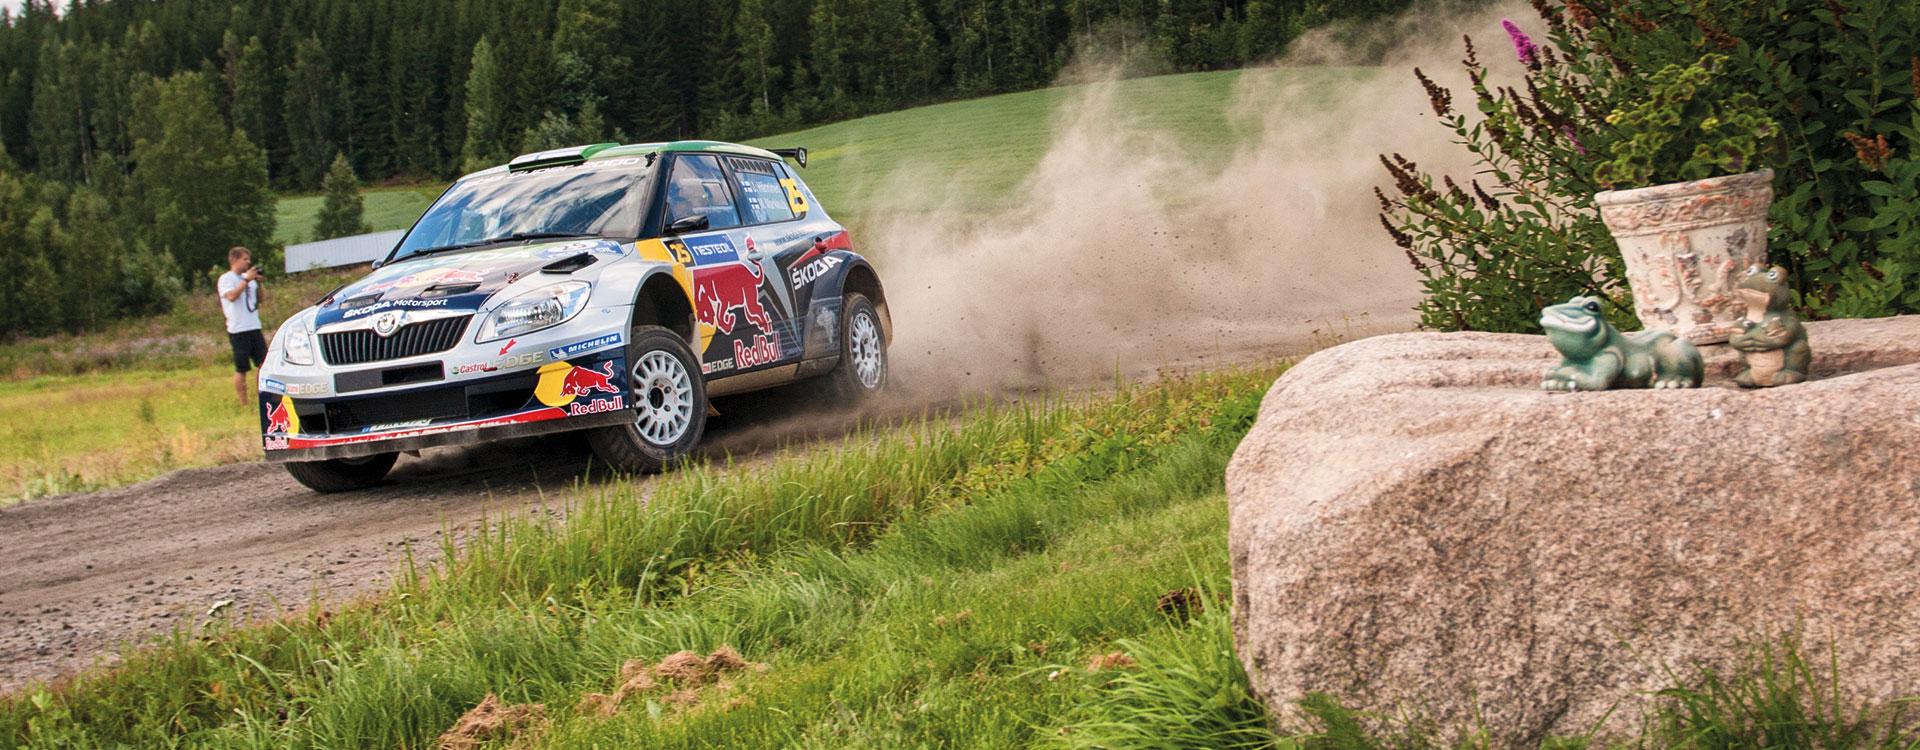 Z archivu: Při Finské rally 2011 zářil Hänninen s Fabií S2000